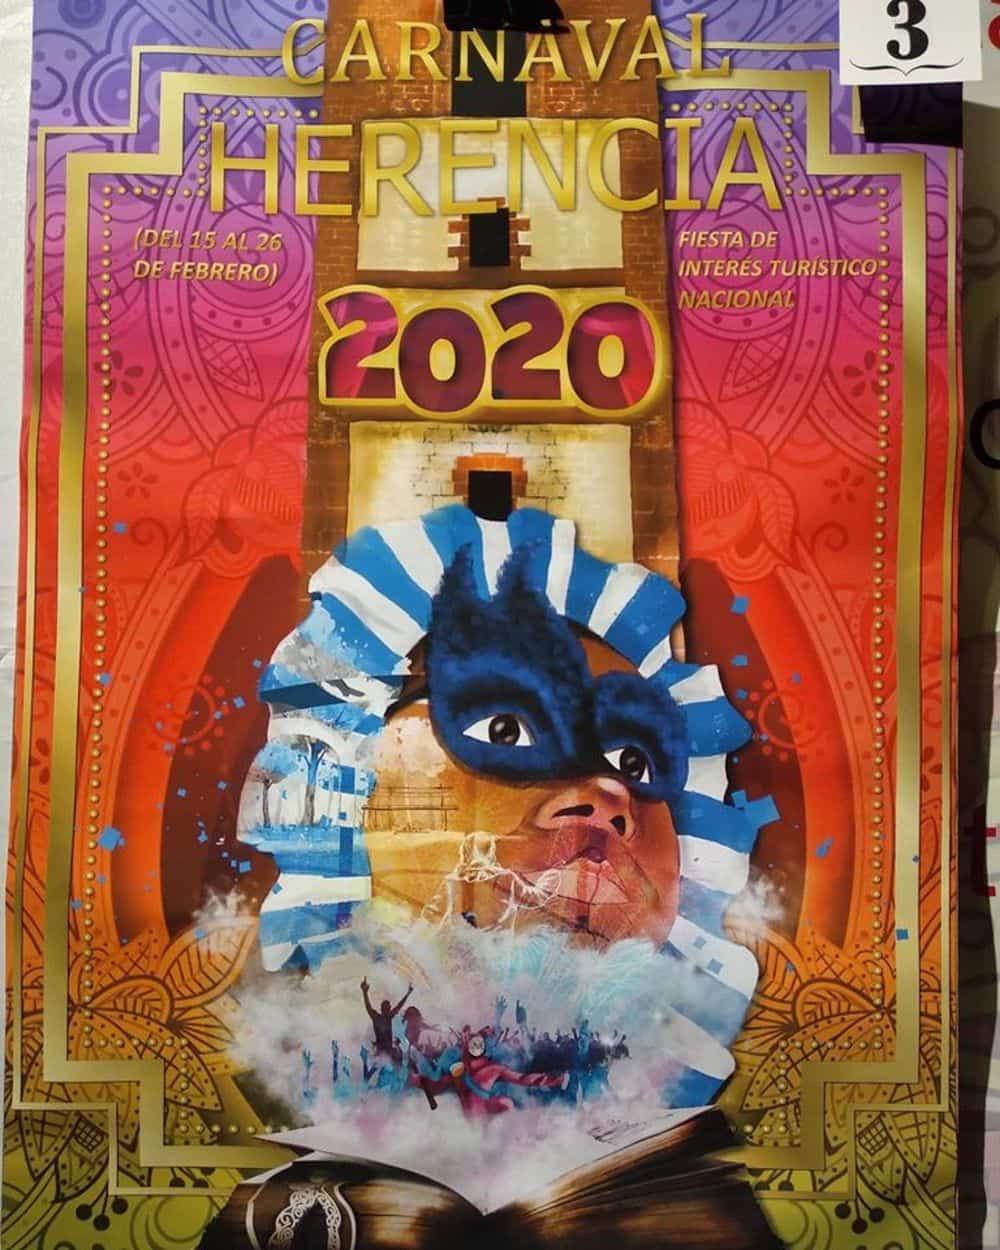 carteles carnaval 2020 herencia 8 - Conoce los carteles de Carnaval de Herencia 2020, ¿cuál te gusta más?